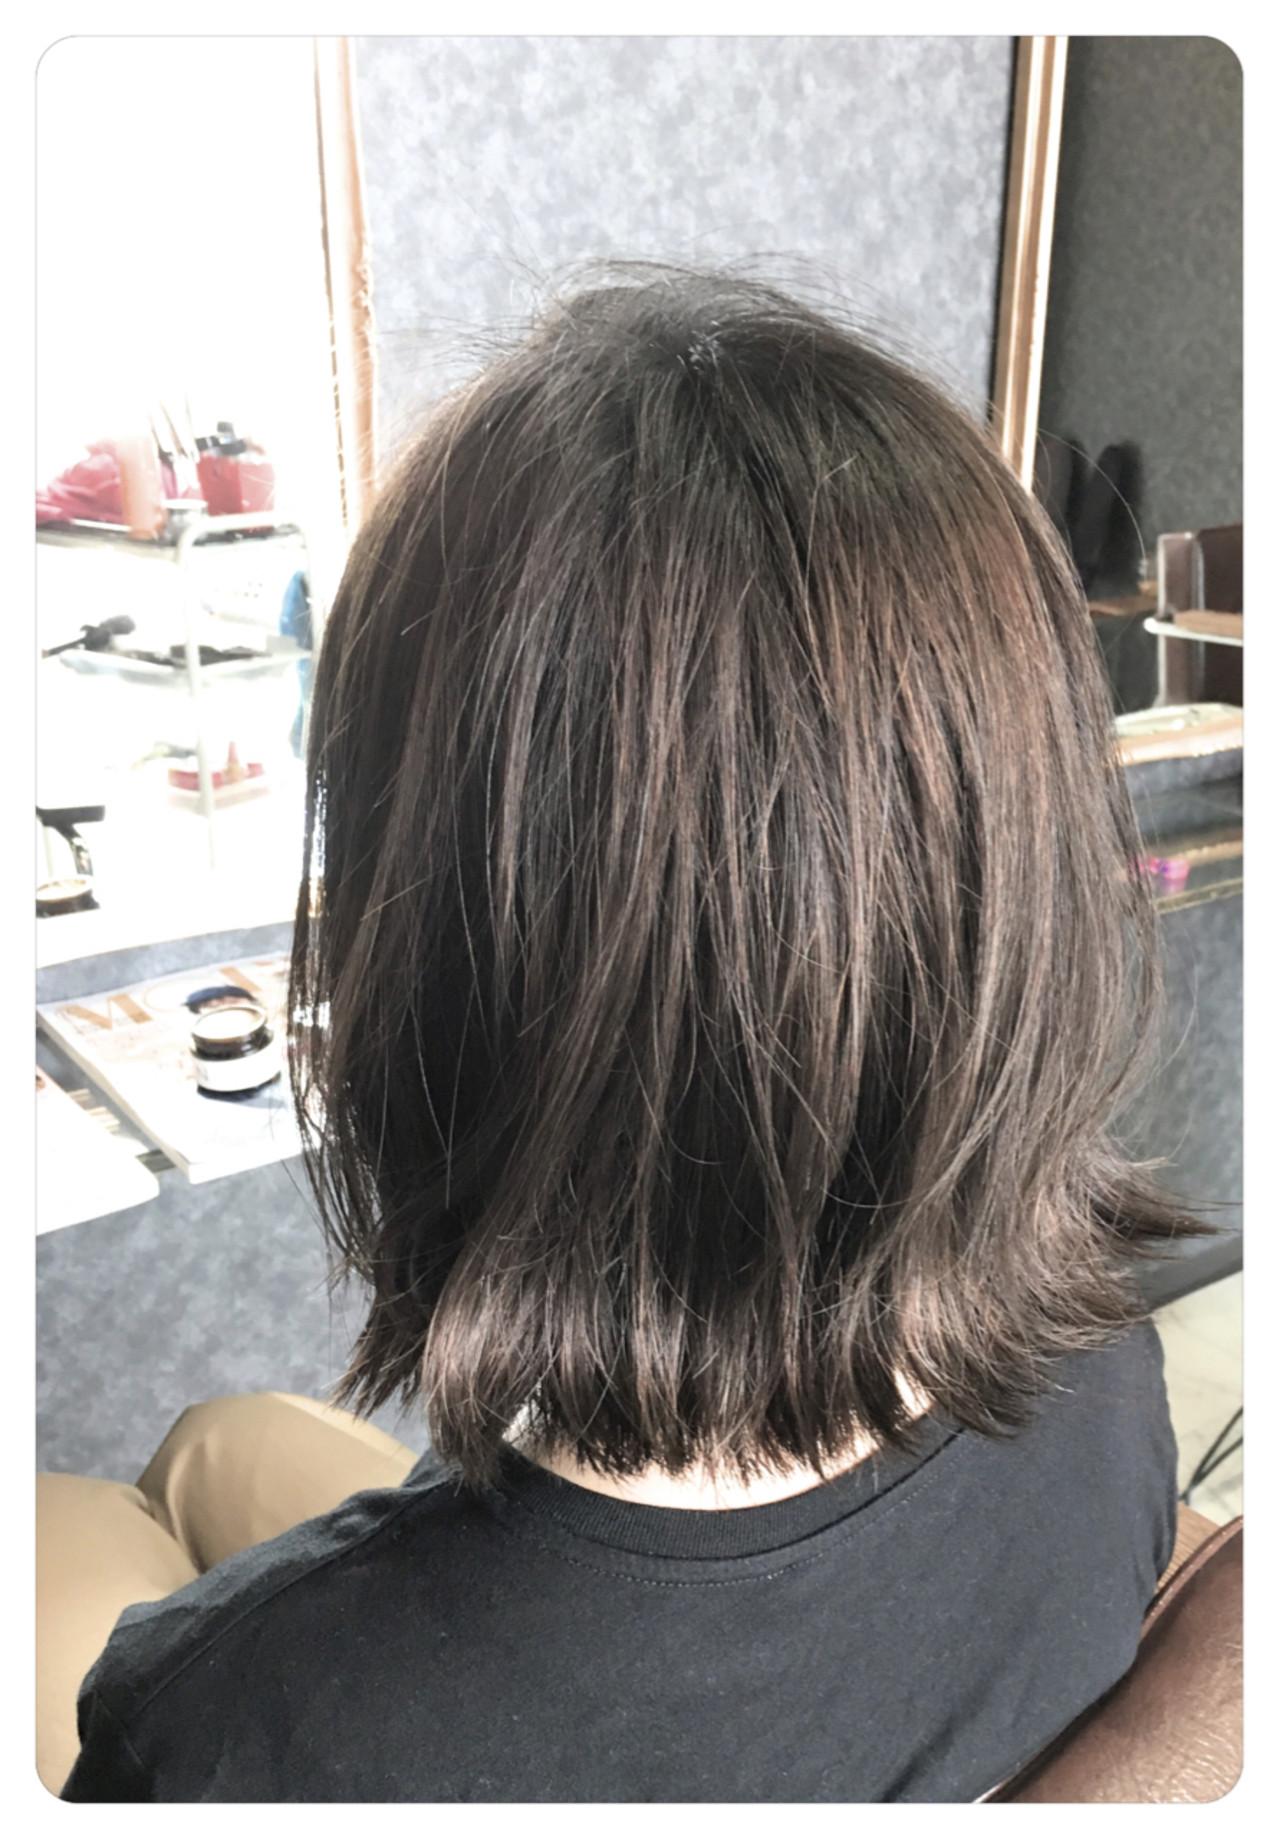 ナチュラル 外ハネ ボブ バレイヤージュ ヘアスタイルや髪型の写真・画像 | 金原 潤 / Hair salon will